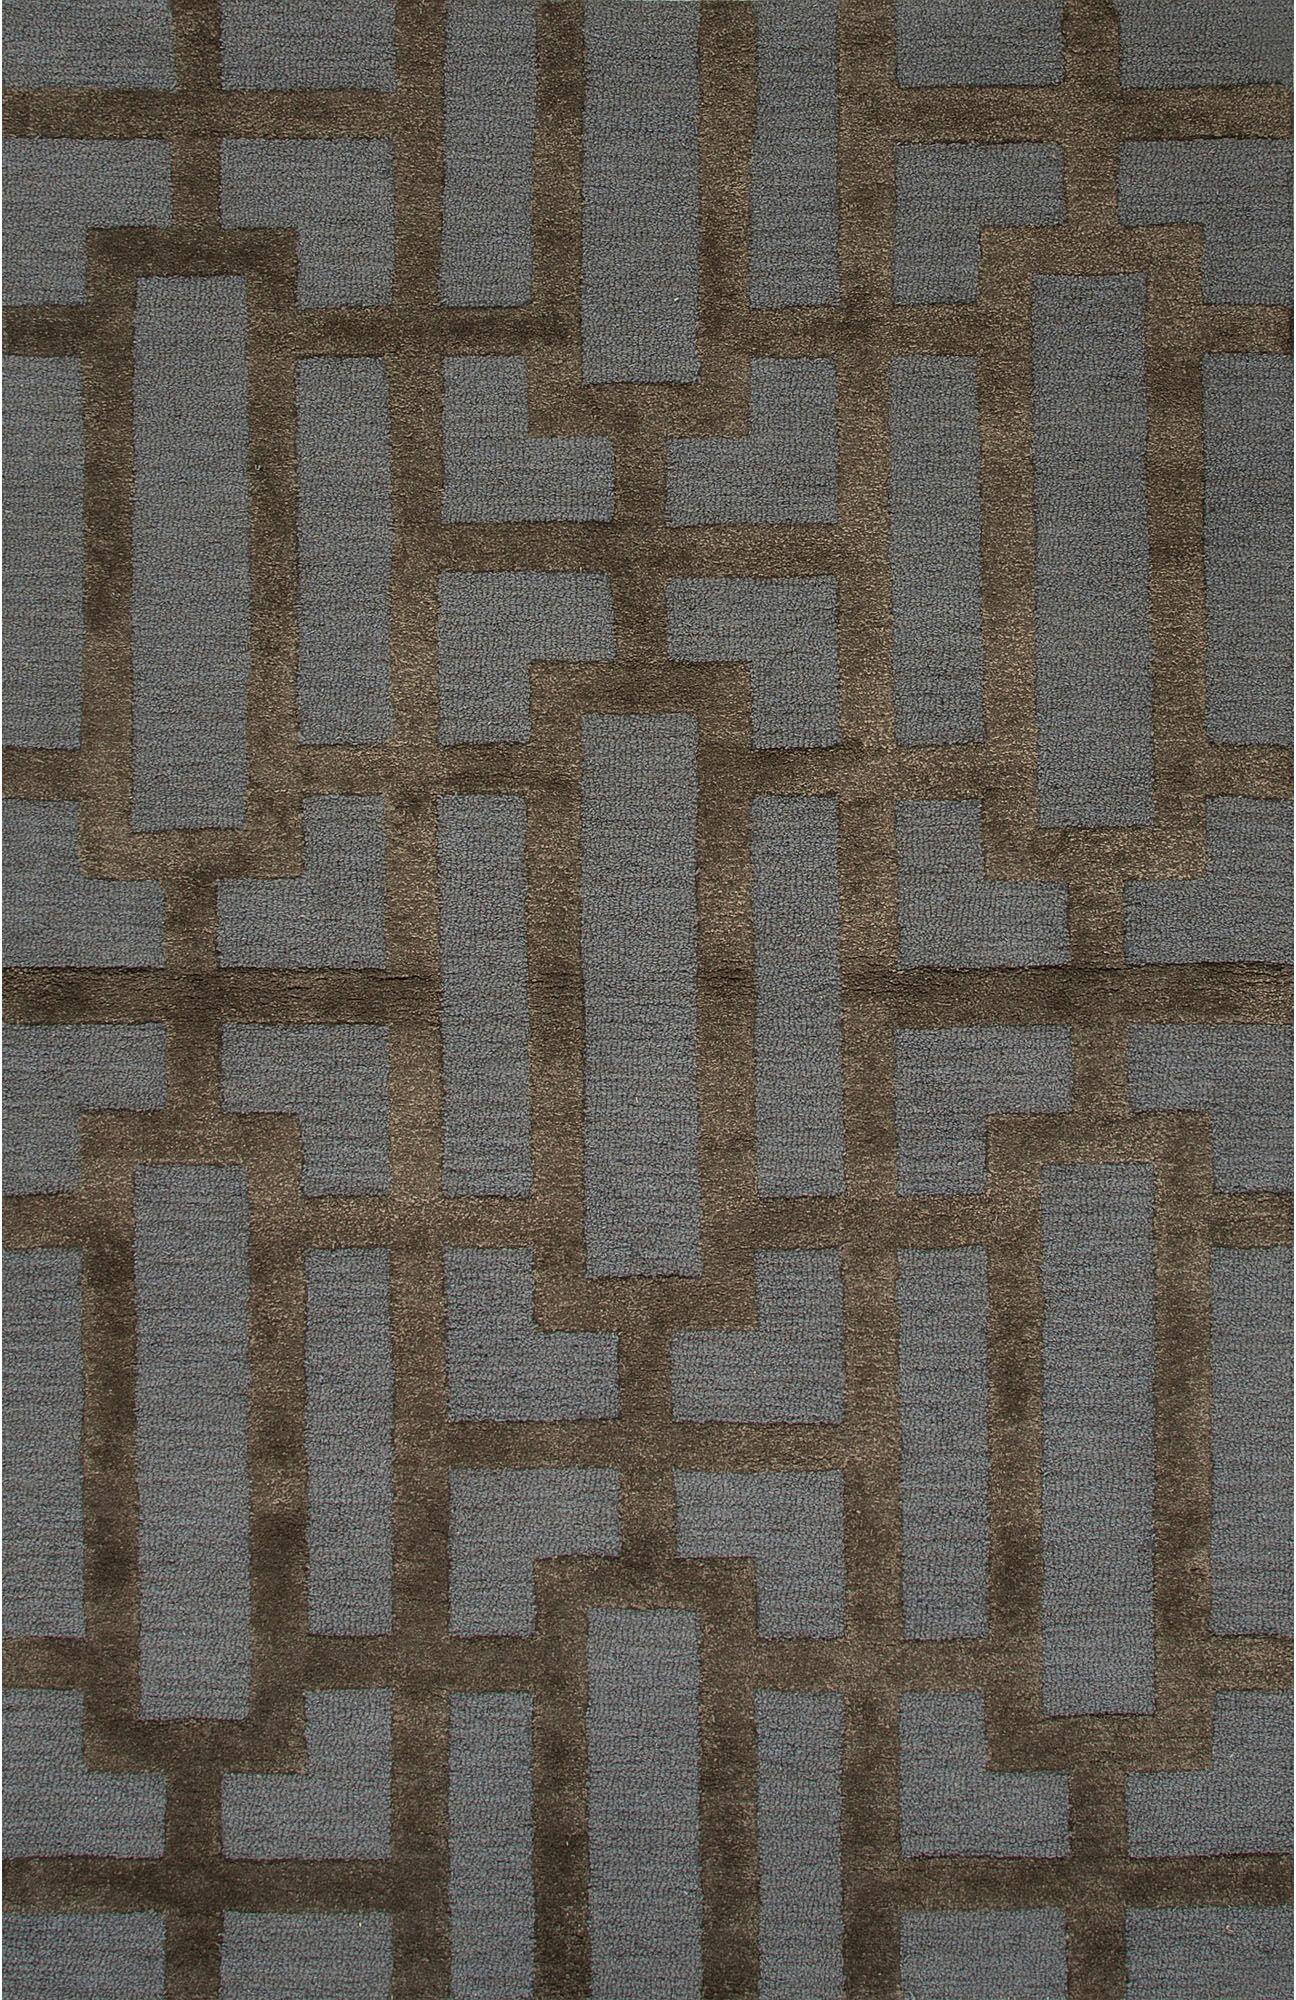 Jaipur Rugs Floor Coverings Hand Tufted Textured Wool Art Silk Blue